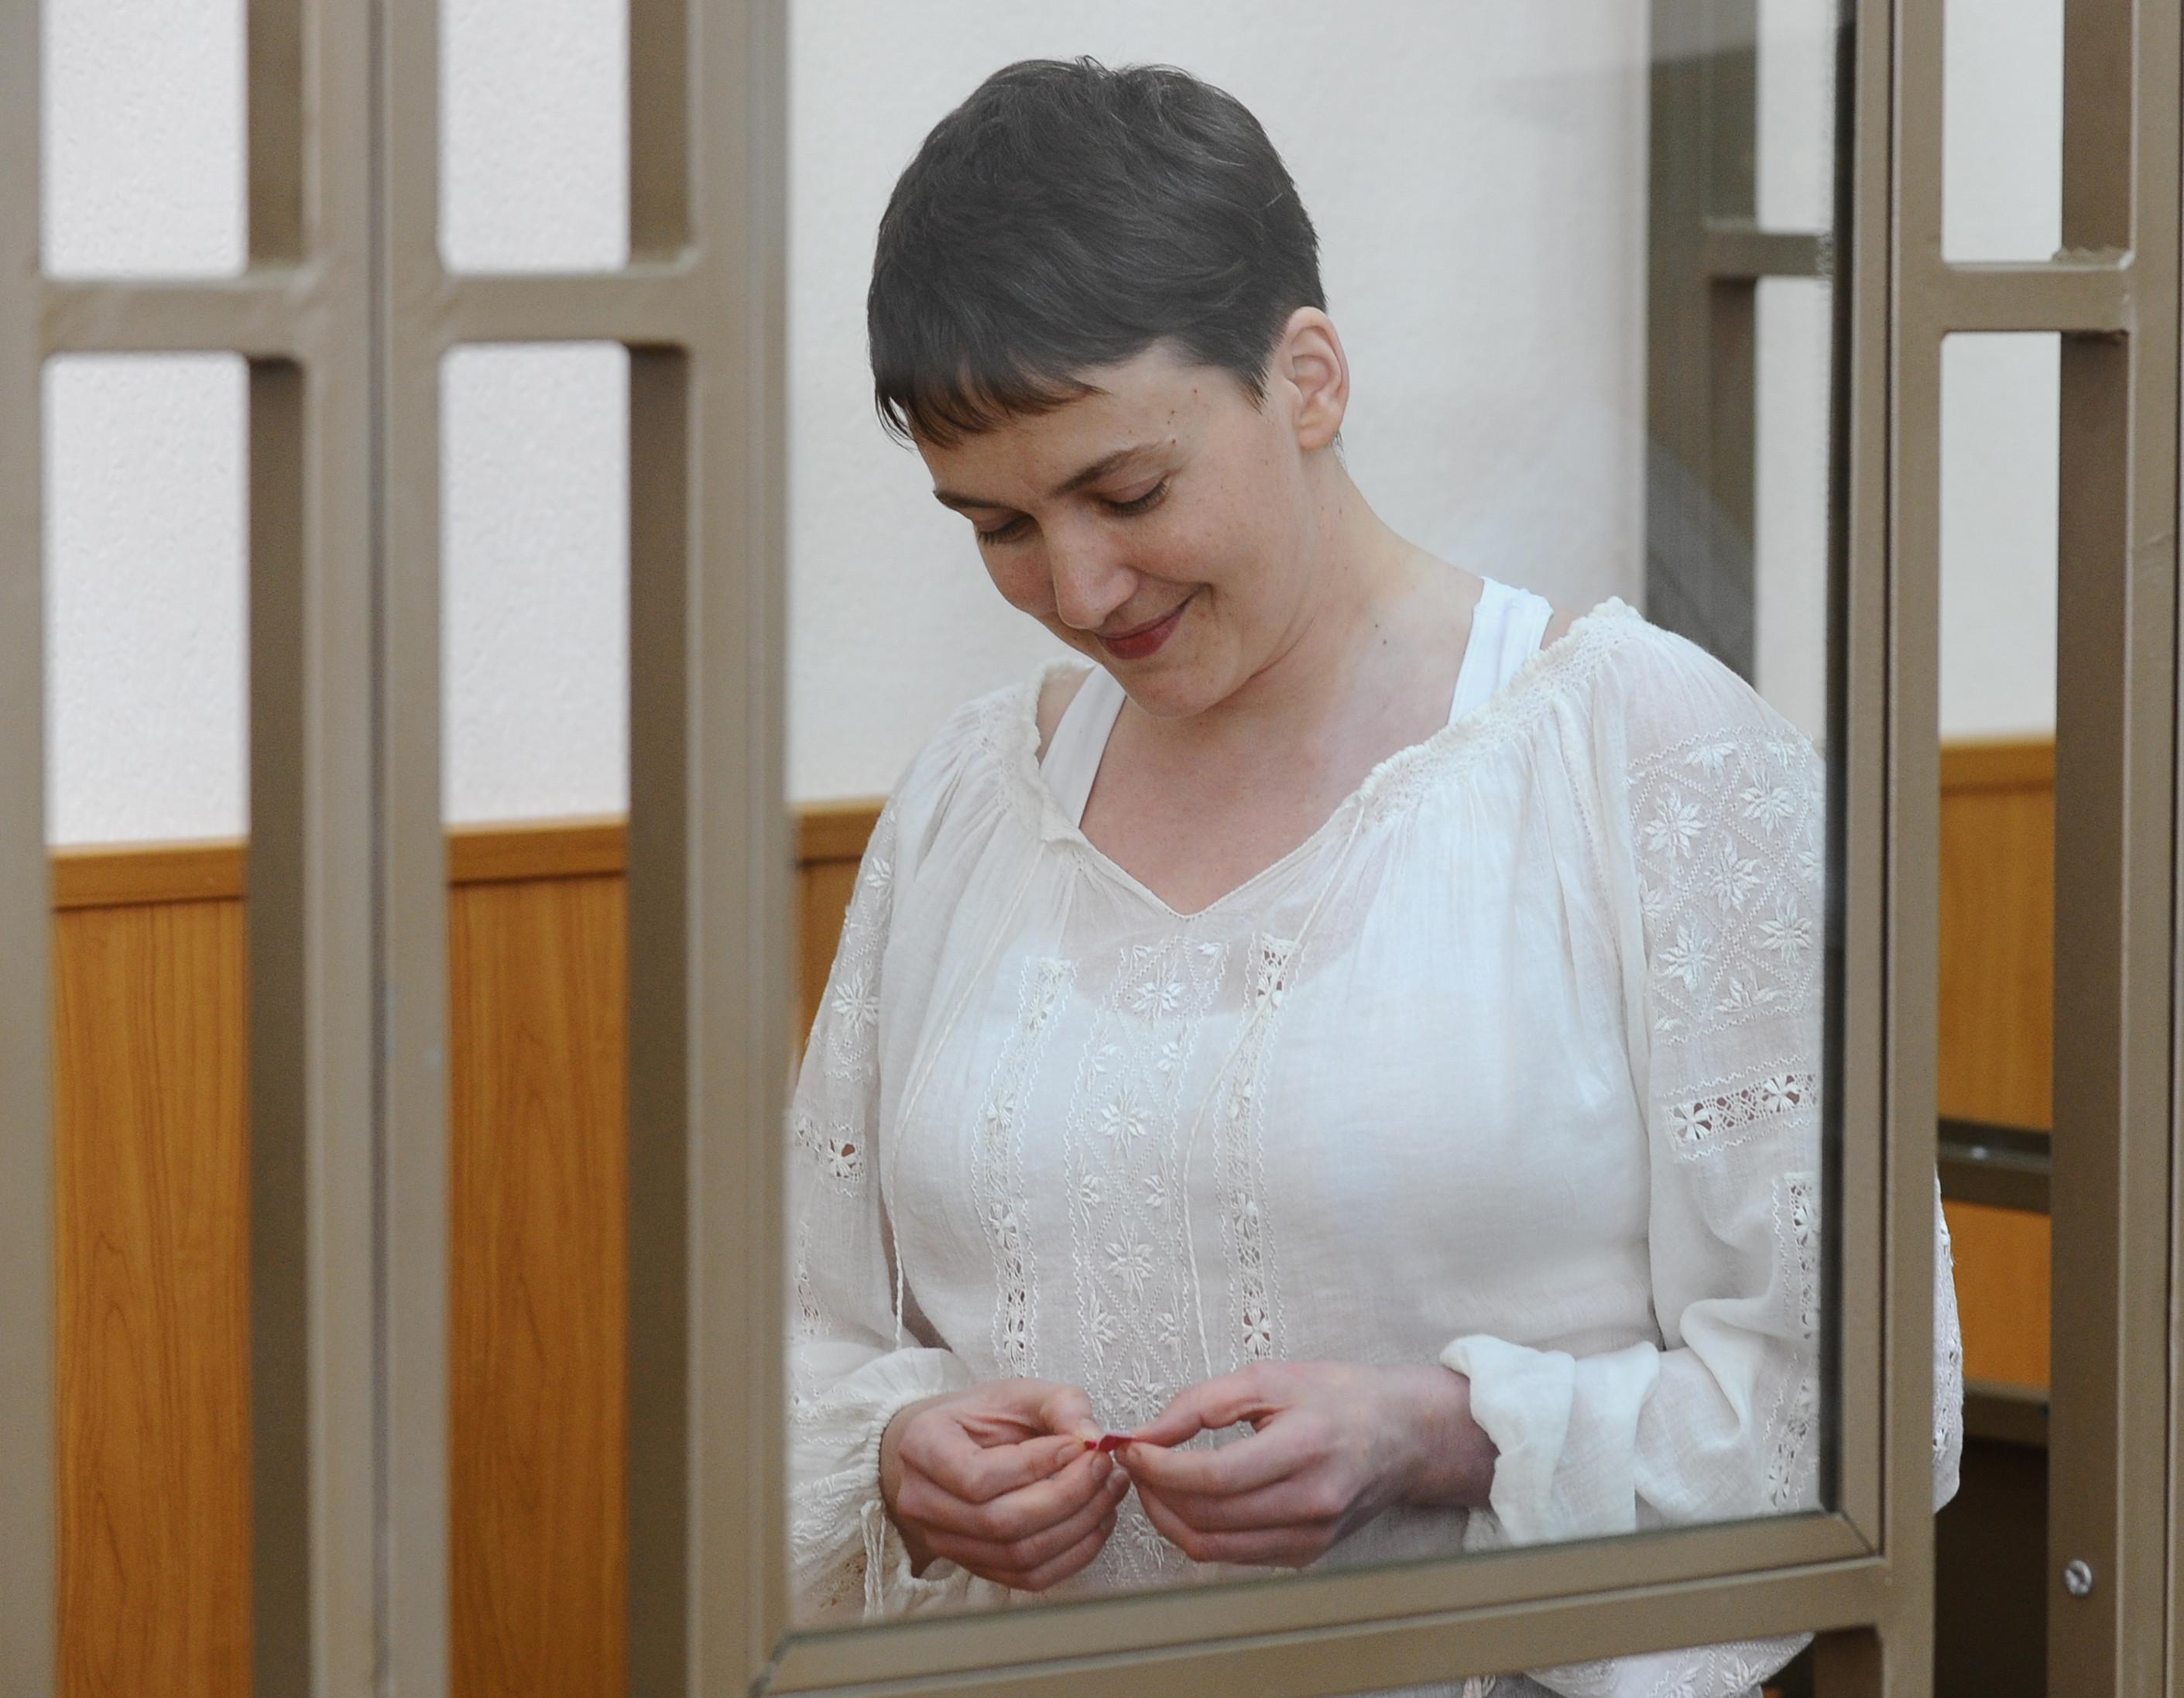 Надежда Савченко в сентябре 2015 года. Фото: © РИА Новости / Сергей Пивоваров